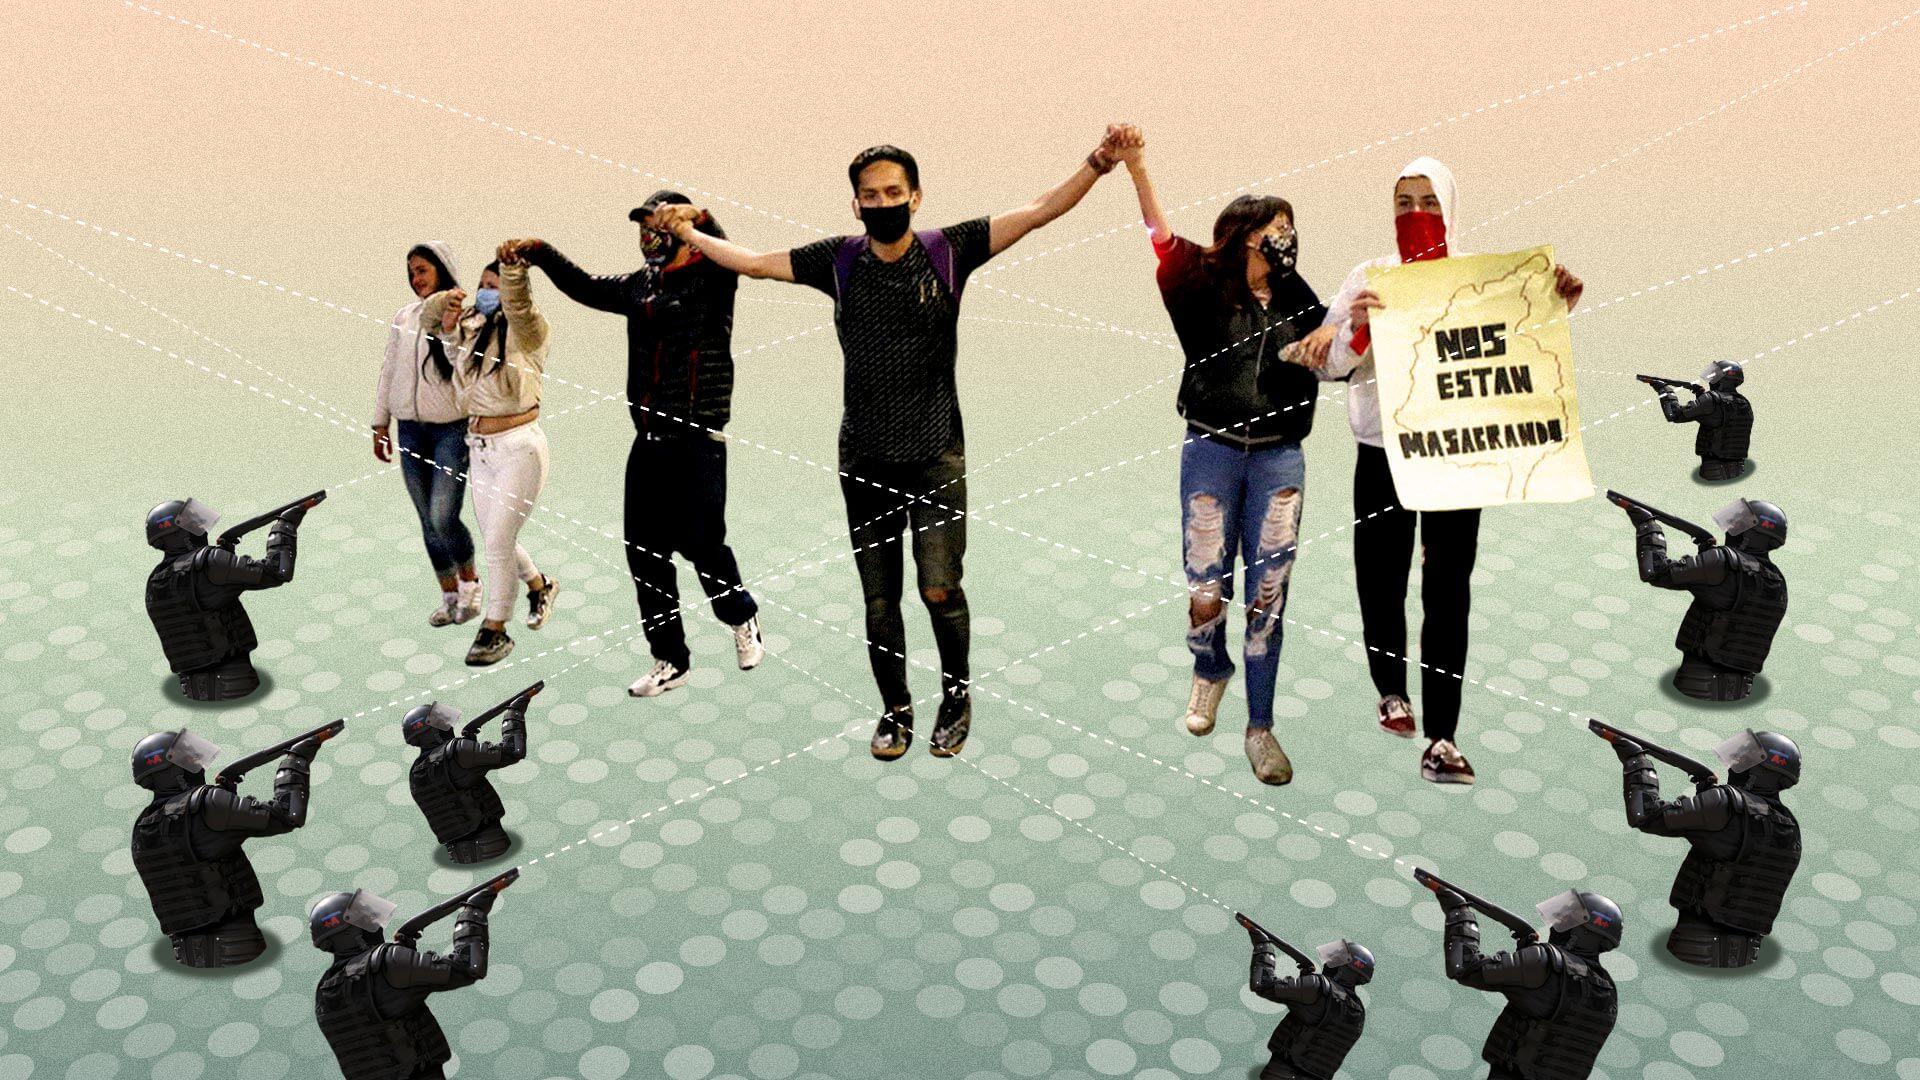 El derecho y el deber de protestar contra la violencia